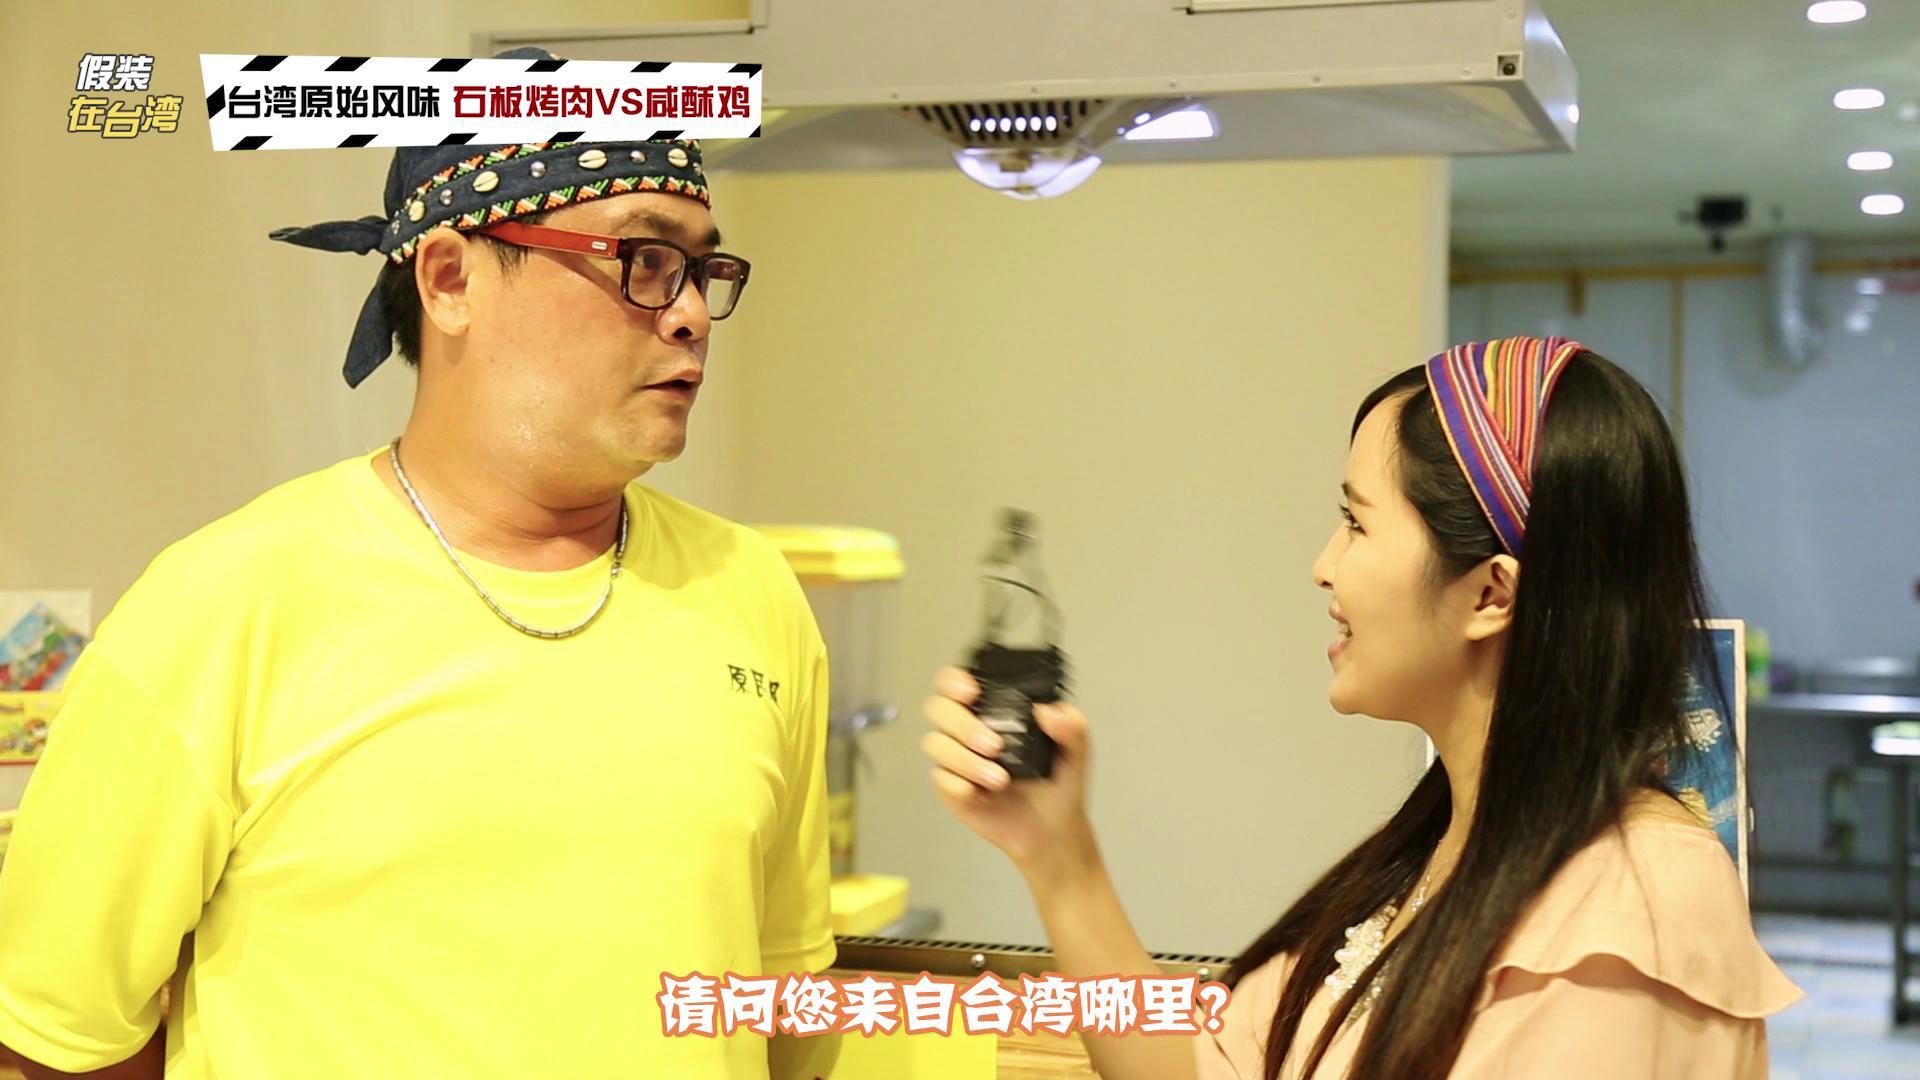 假装在台湾第四期 石板烧